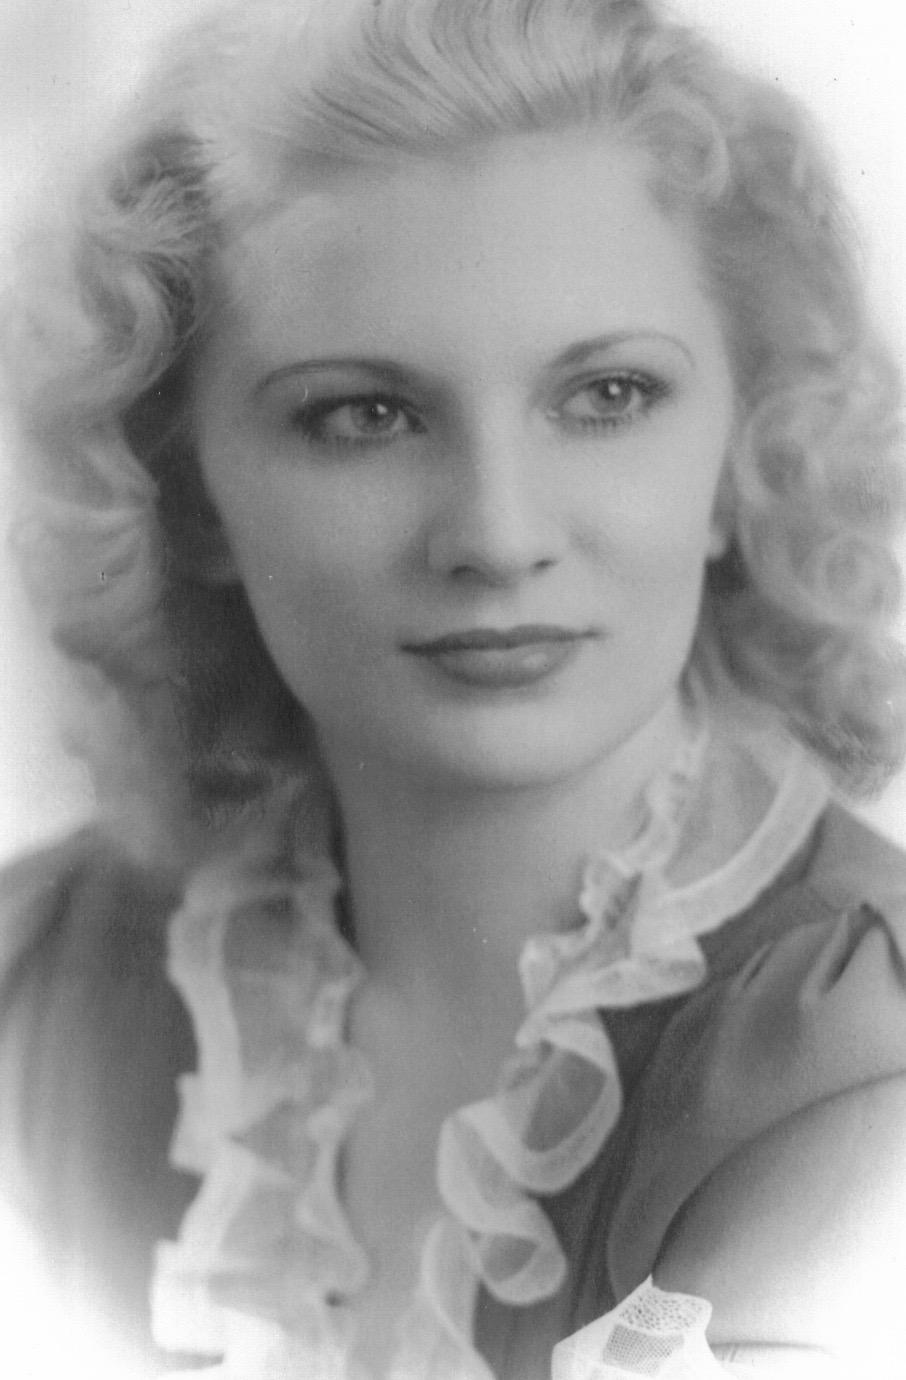 Frances Fenstermaker (c. 1938)